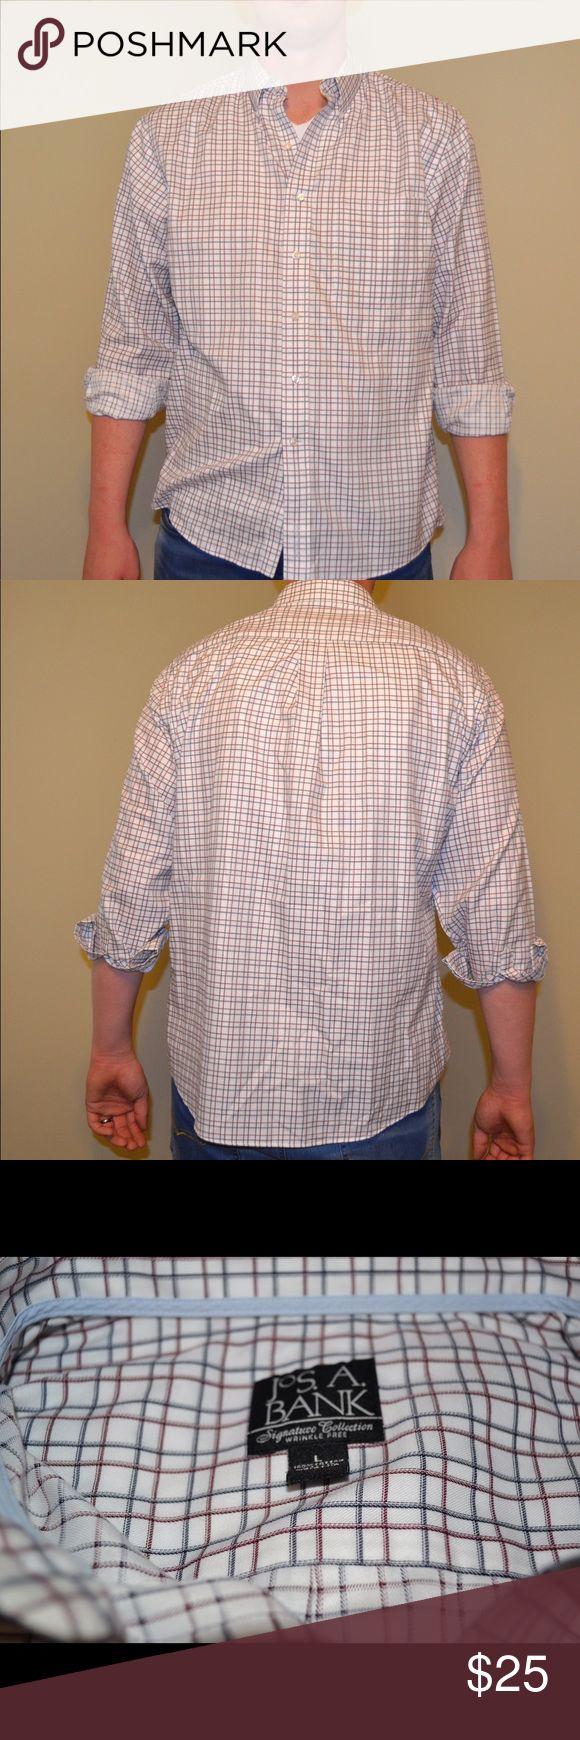 Joseph A. Bank button down Joseph A. Bank mens button down shirt. Great condition. joseph A. Bank Shirts Casual Button Down Shirts